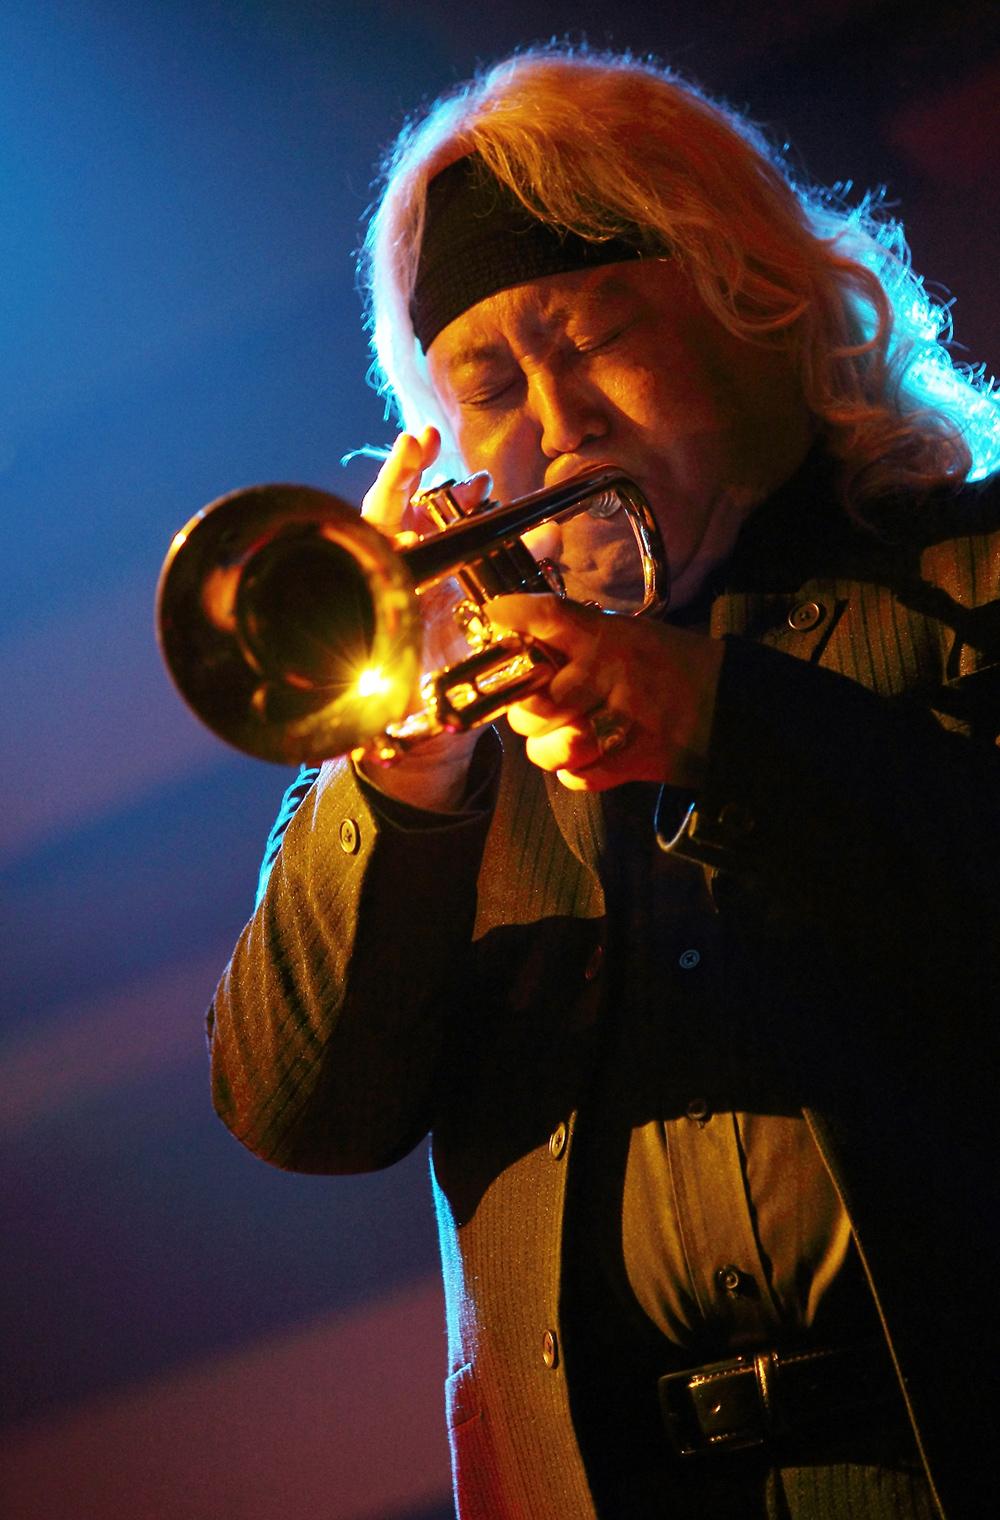 エリック・ミヤシロ|モントルー・ジャズ・フェスティバル・ジャパン・イン・かわさき2014